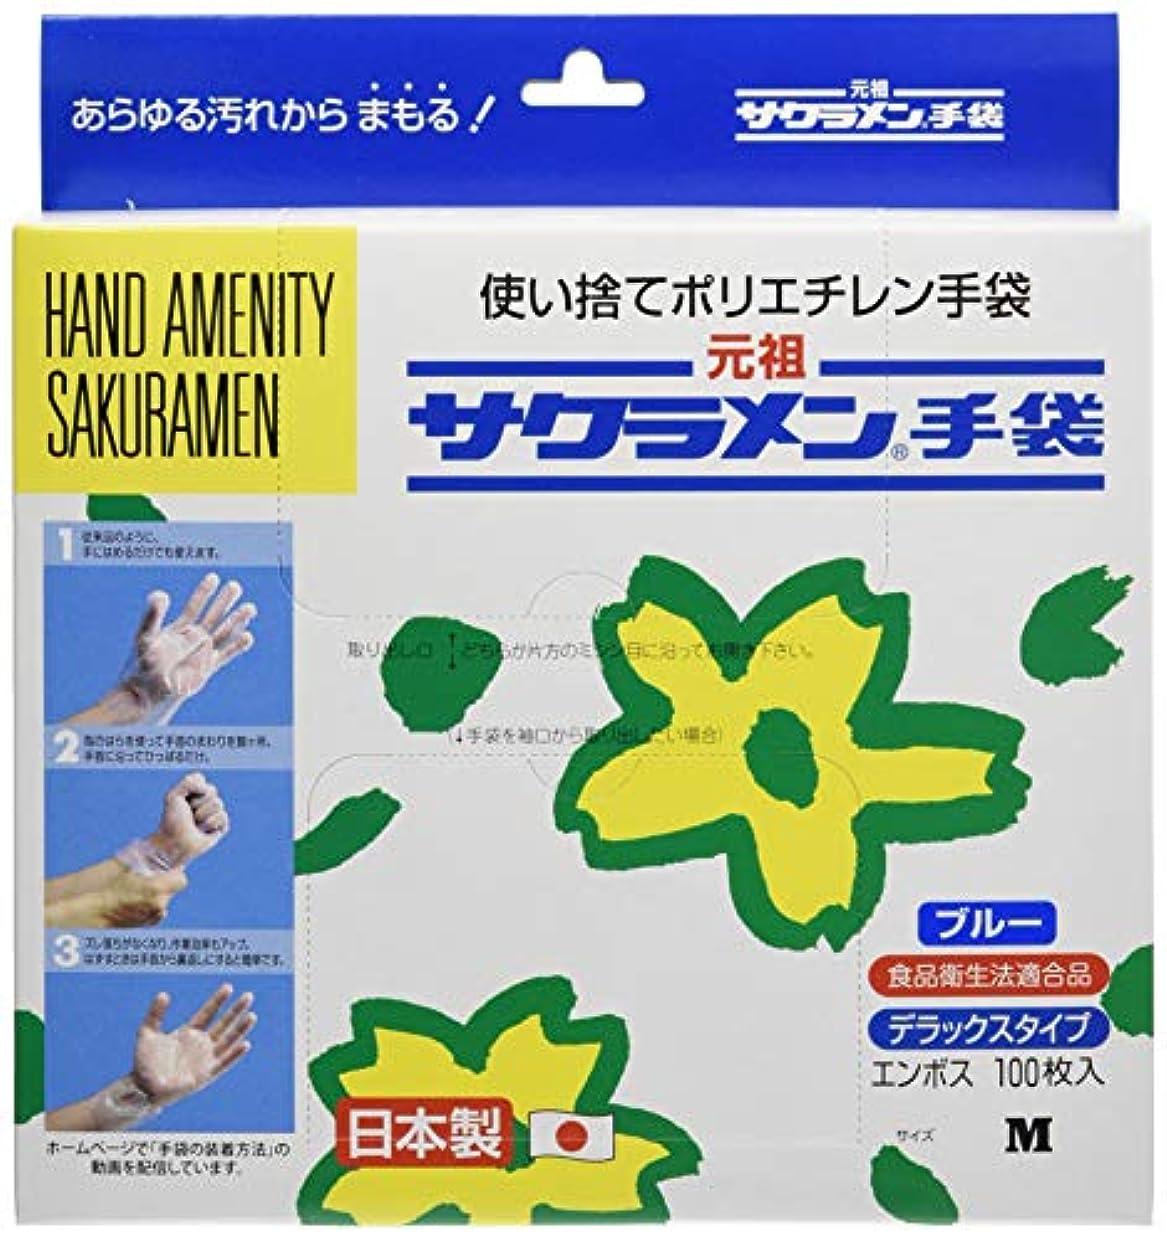 上院議員社会科ましいサクラメン手袋 デラックス(100枚入)M ブルー 35μ